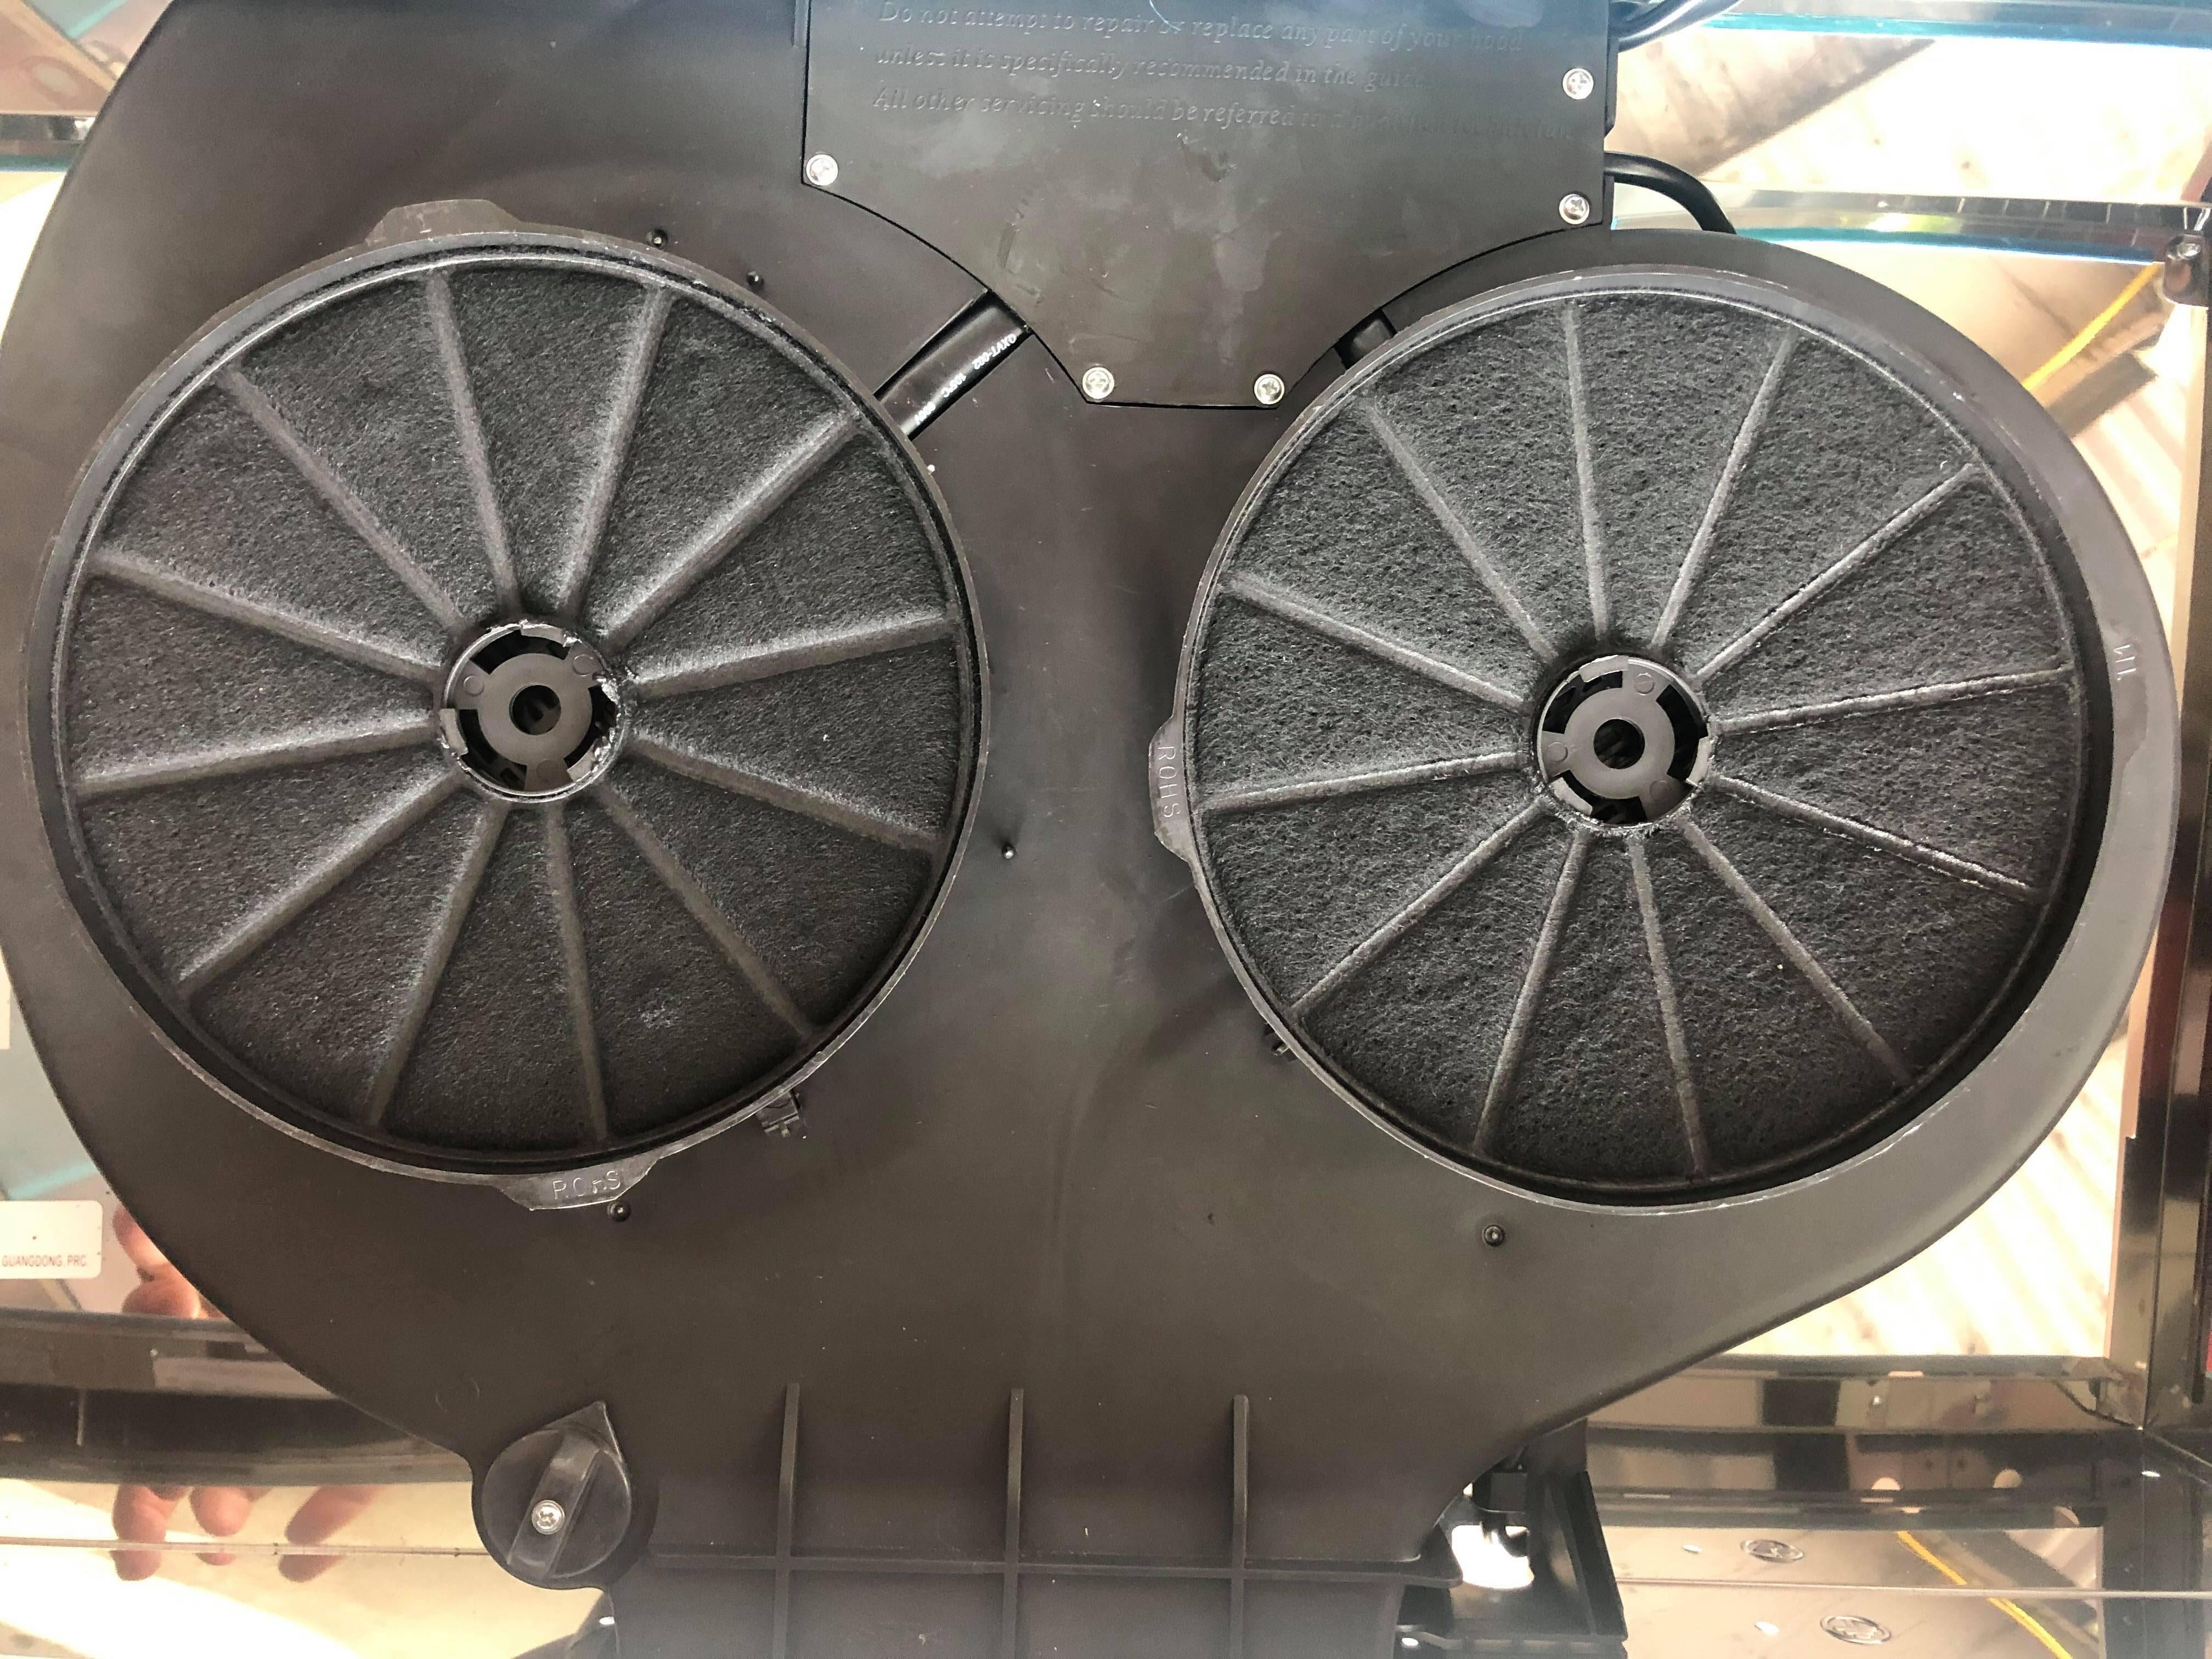 Cặp than hoạt tính máy hút mùi -máy hút khói cho các dòng máy cổ điển - máy hút mùi kính phẳng